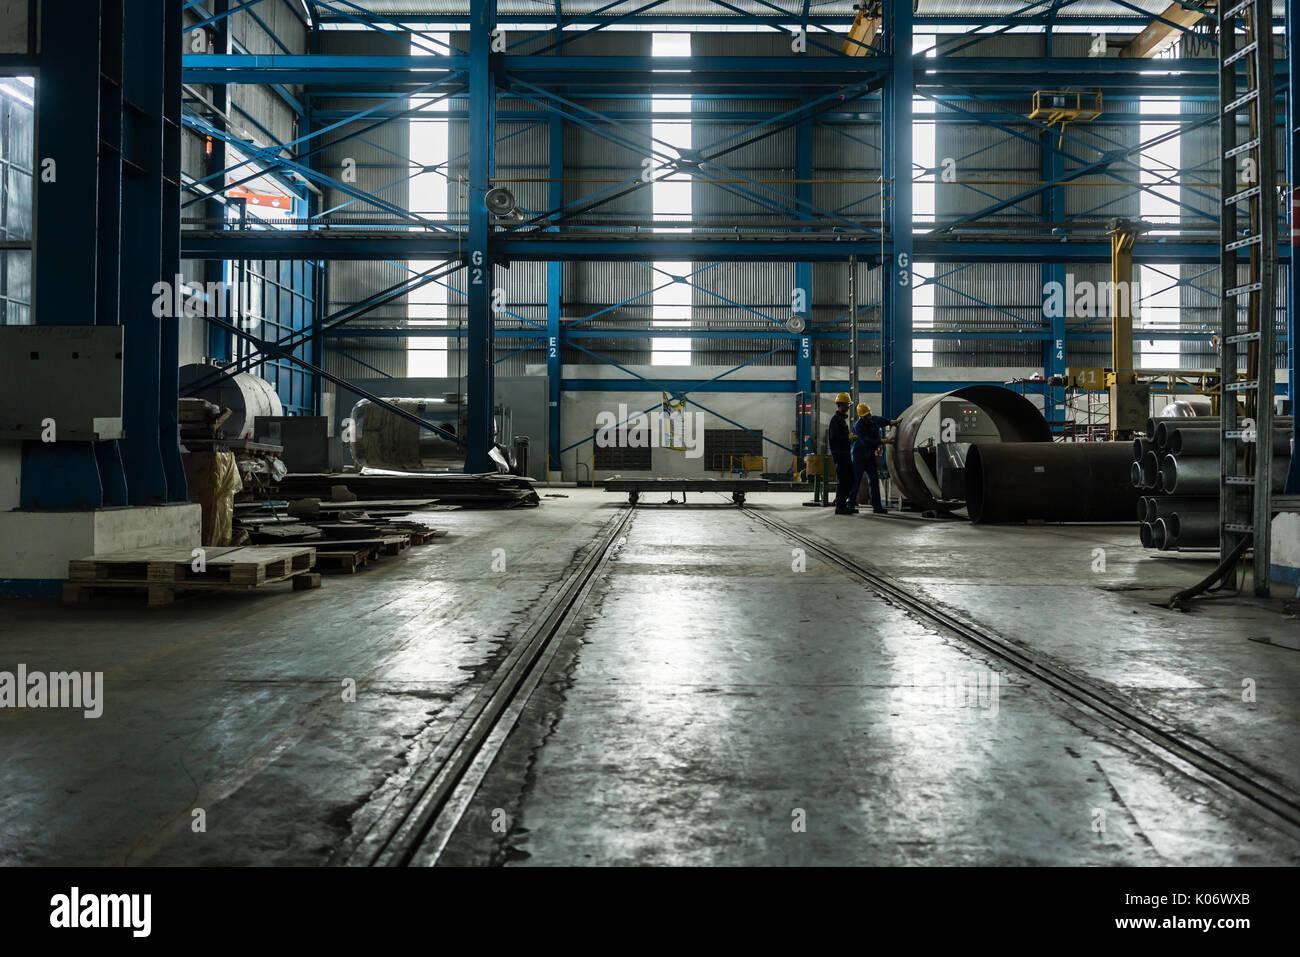 Processo de fabricação de planejamento de dois trabalhadores Imagens de Stock